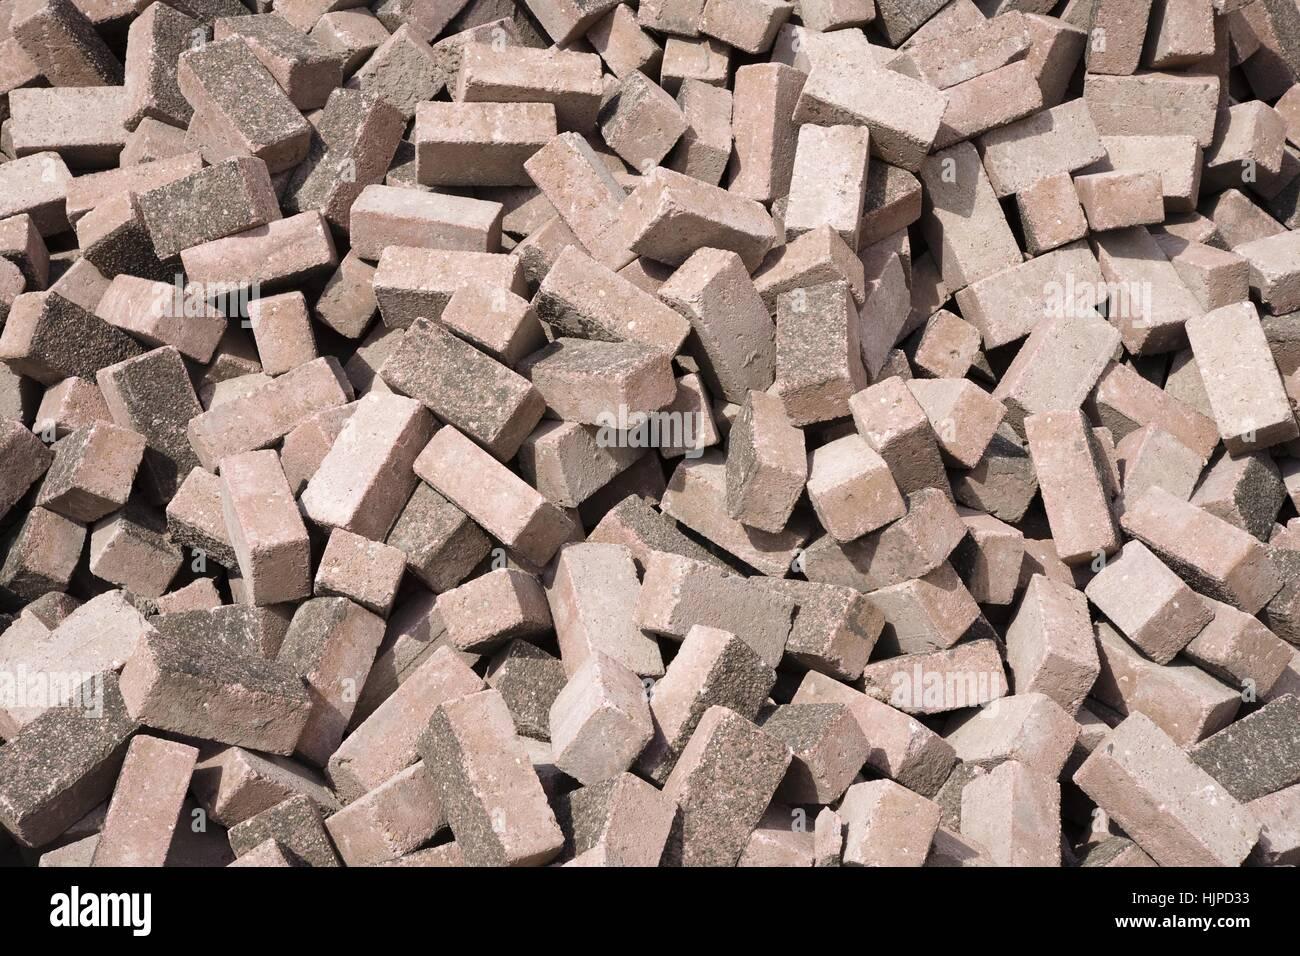 Stone, patrón similar, arcilla, grapar, calles, carreteras, ladrillos, telón de fondo, Imagen De Stock